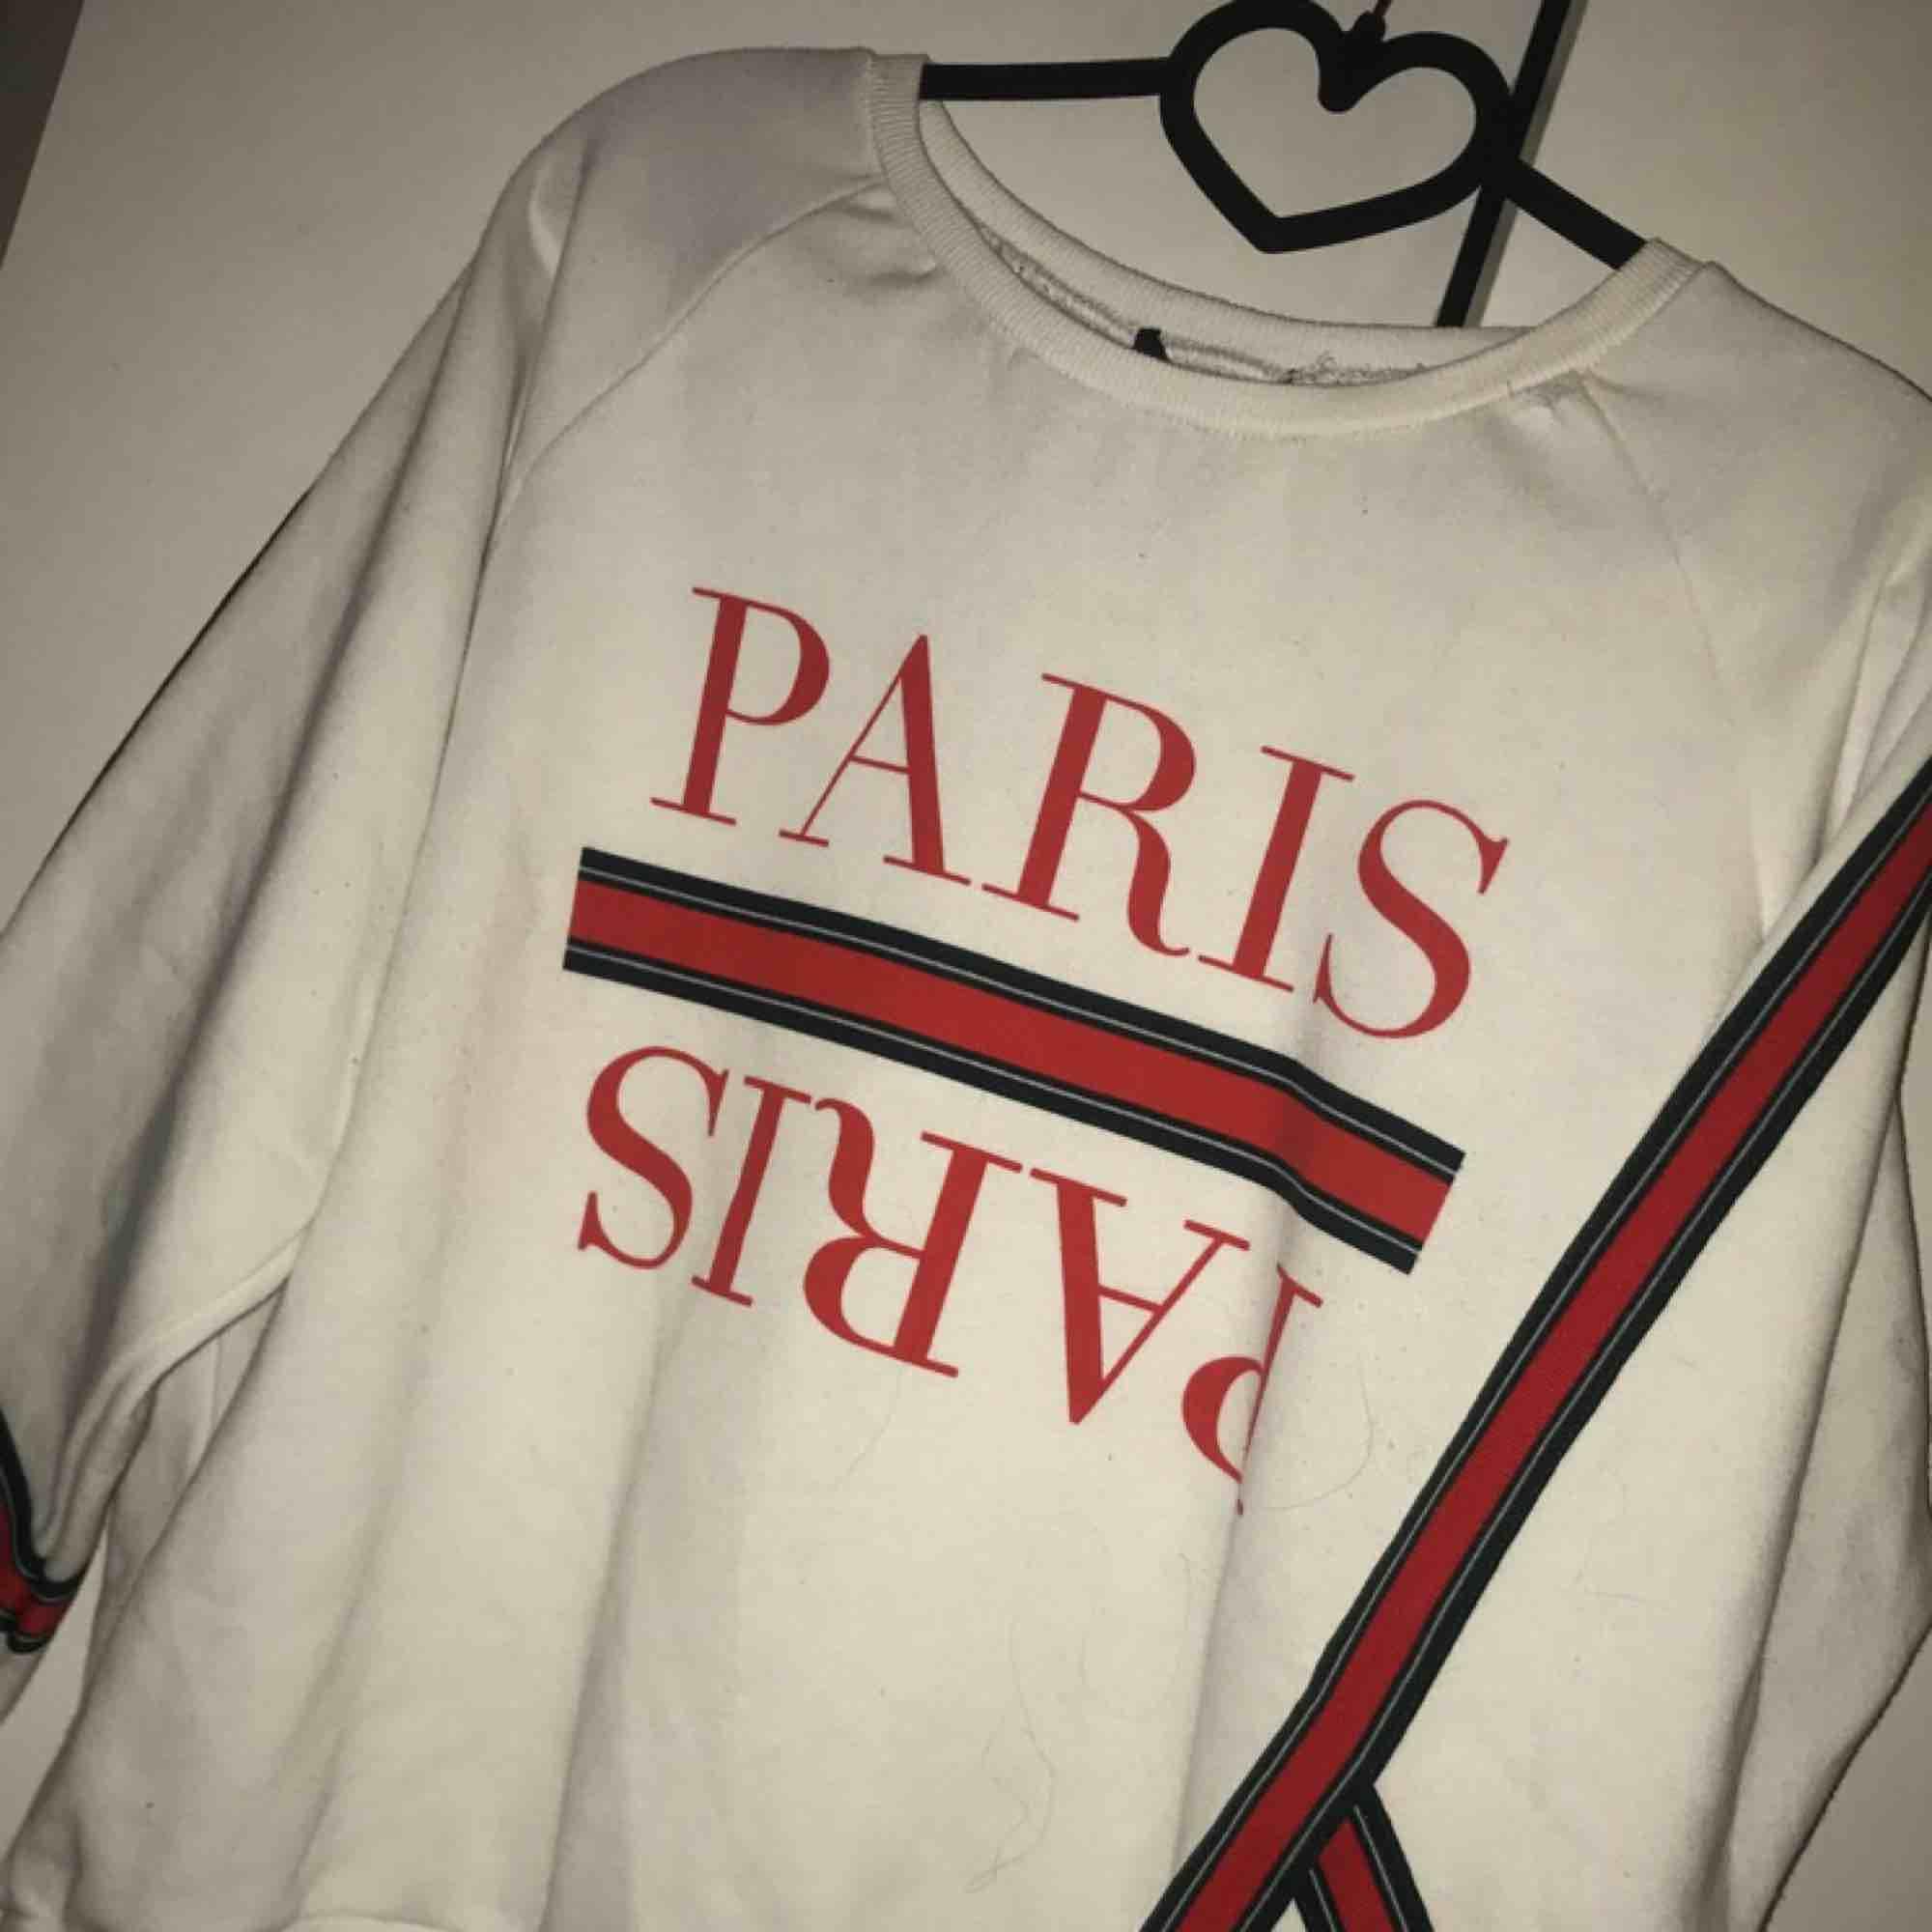 Oversized college tröja i strl S, endast testad!  Frakt tillkommer om den ska skickas. ⭐️. Tröjor & Koftor.